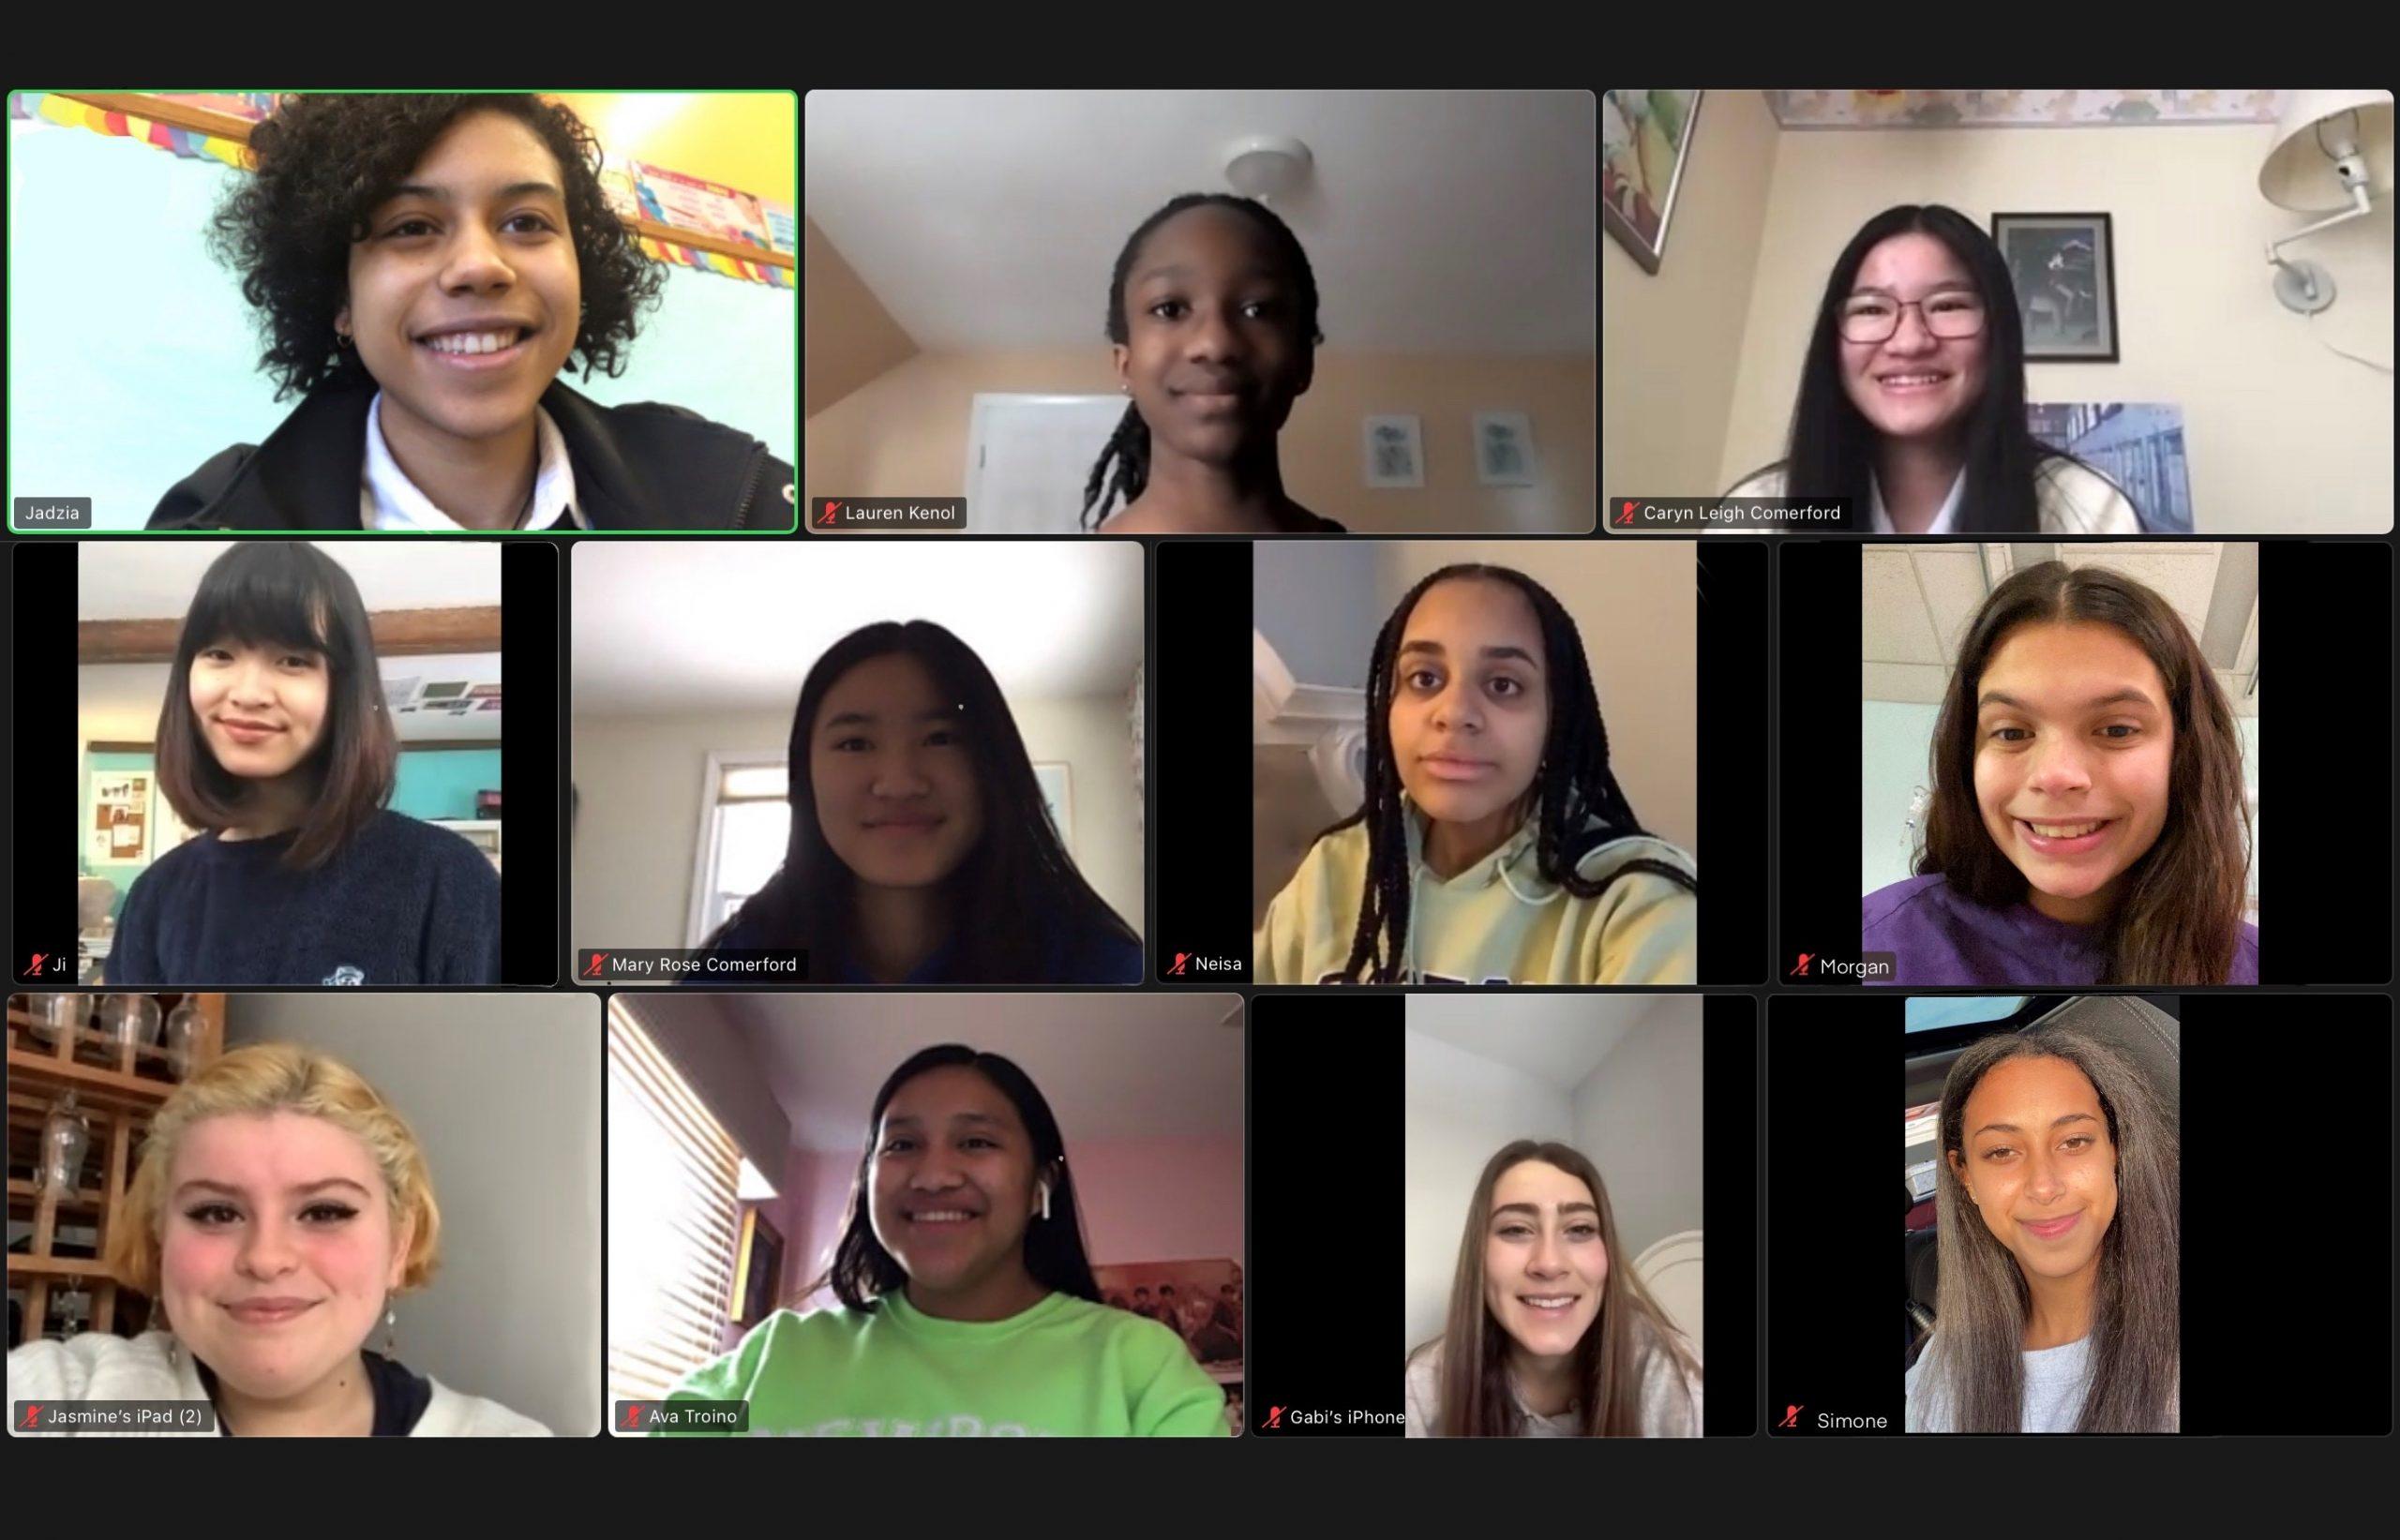 Estudiantes del Comité Curricular Inclusivo se reunieron en una llamada de Zoom para hablar de sus planes del próximo año.